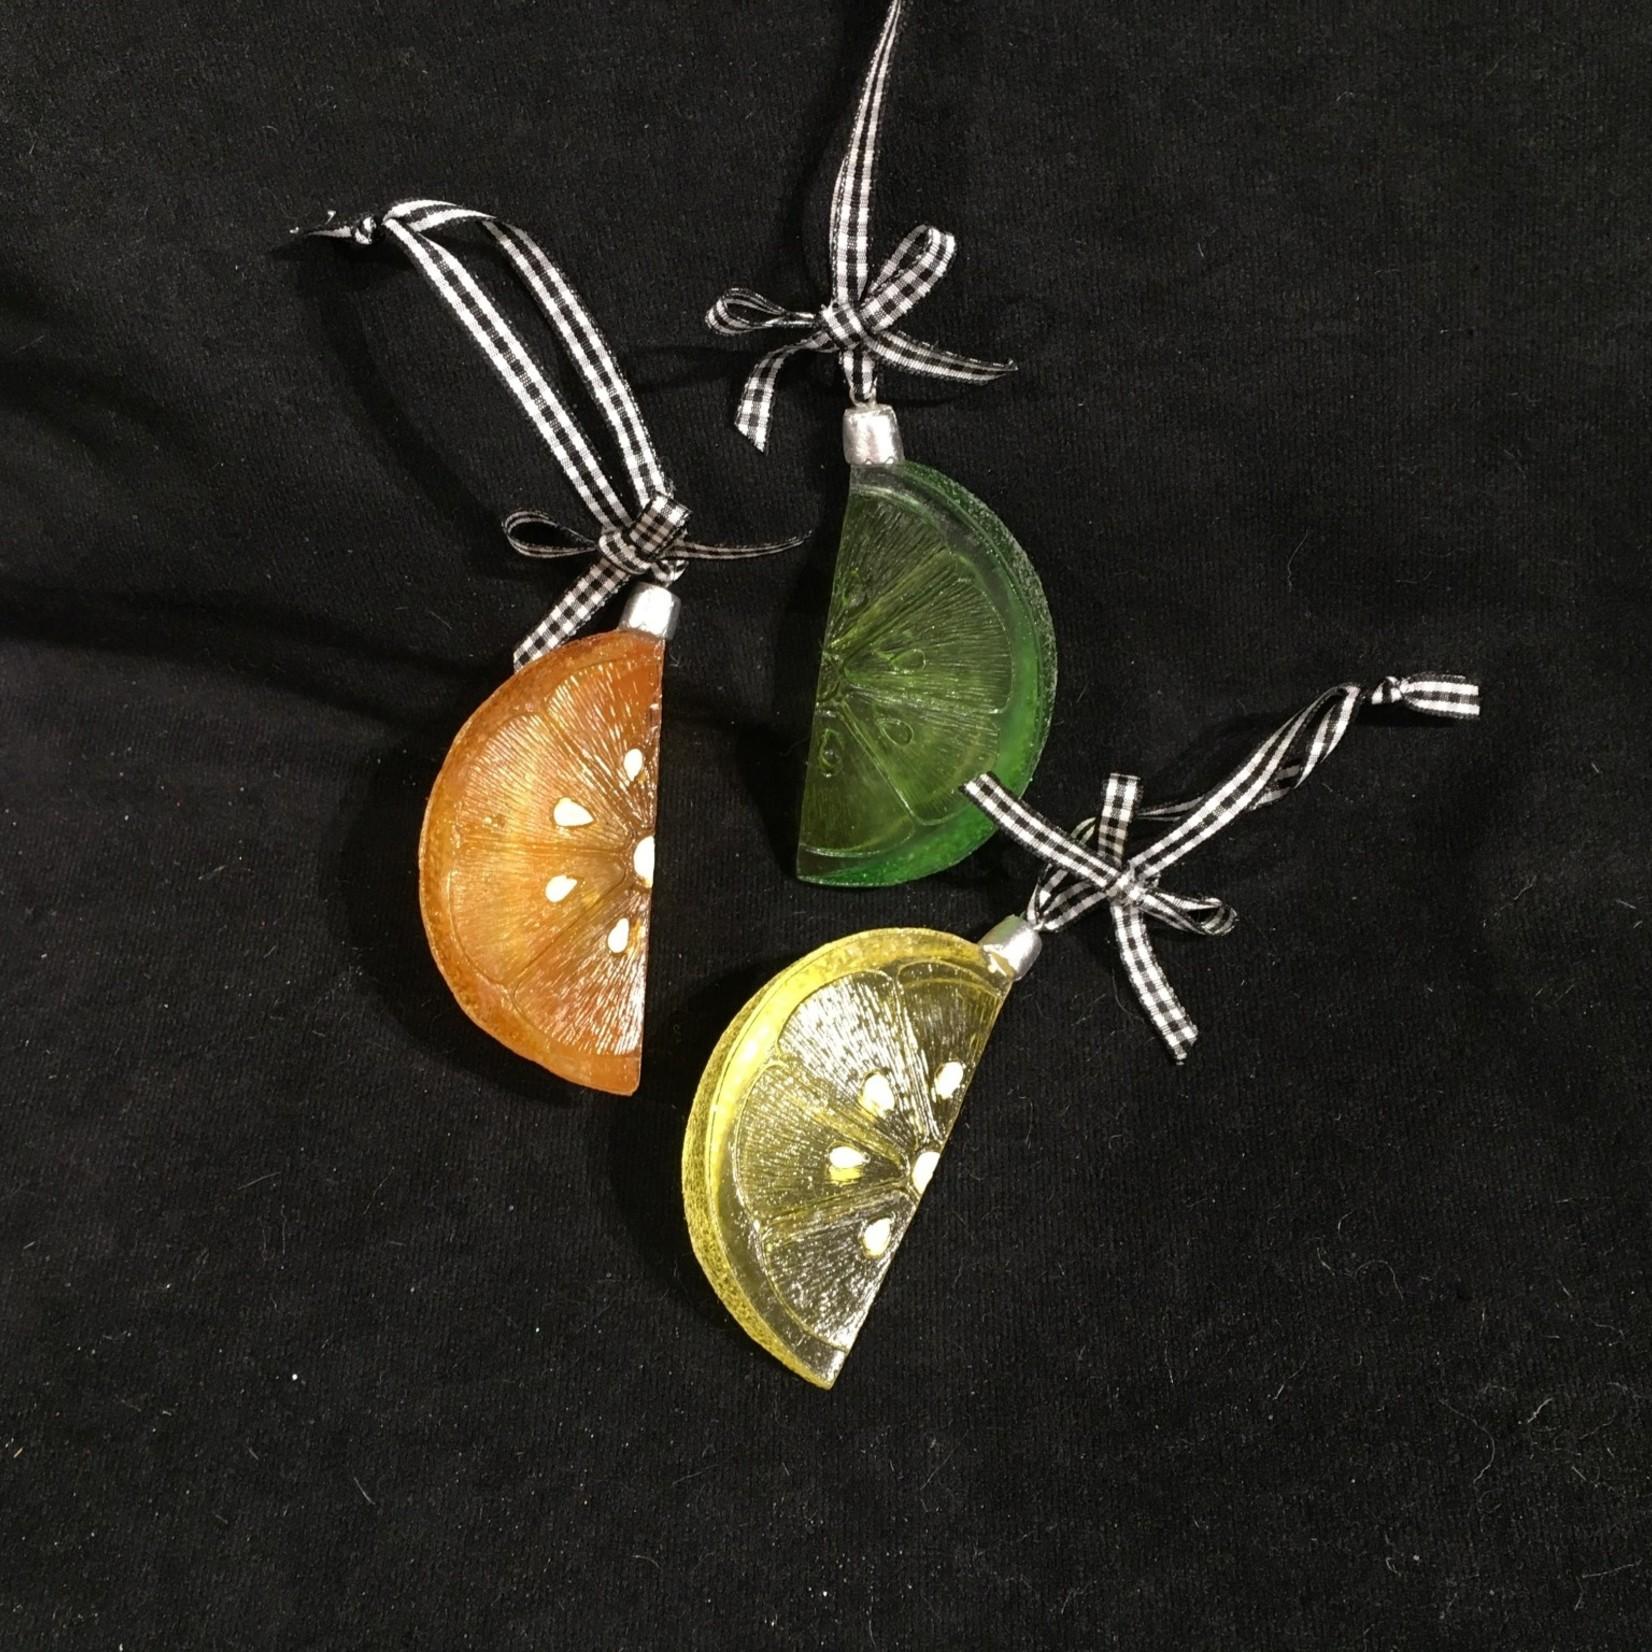 Lemon/Lime/Orange Slice Orn 3A